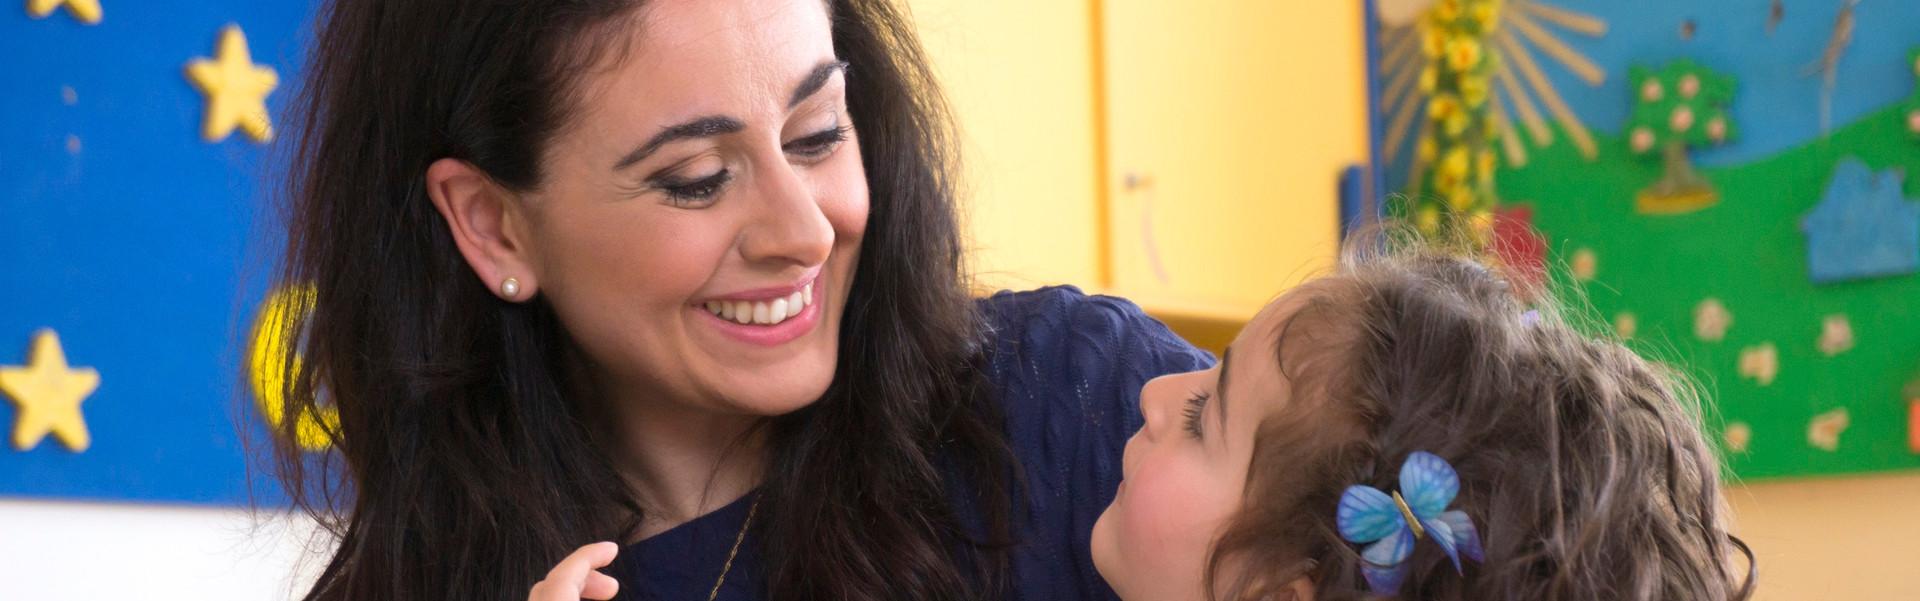 La piccola Sofia è in braccio alla mamma che le sorride